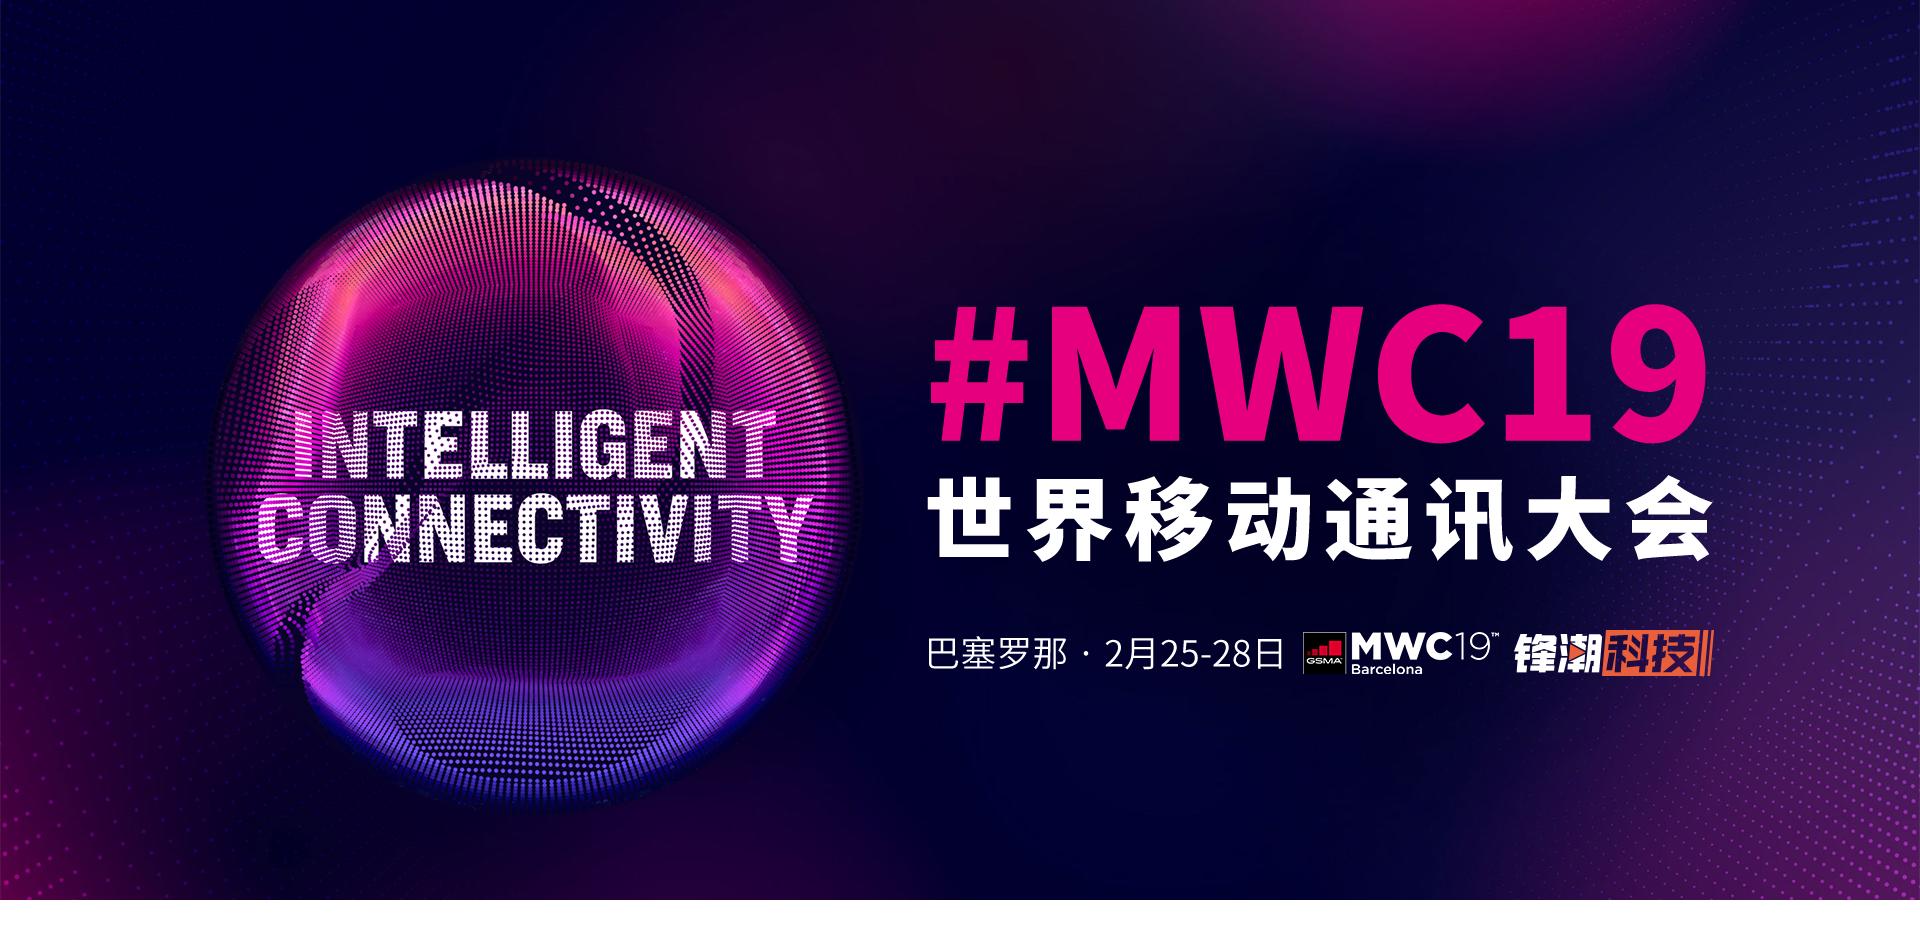 MWC2019 巴塞罗那世界移动通讯大会